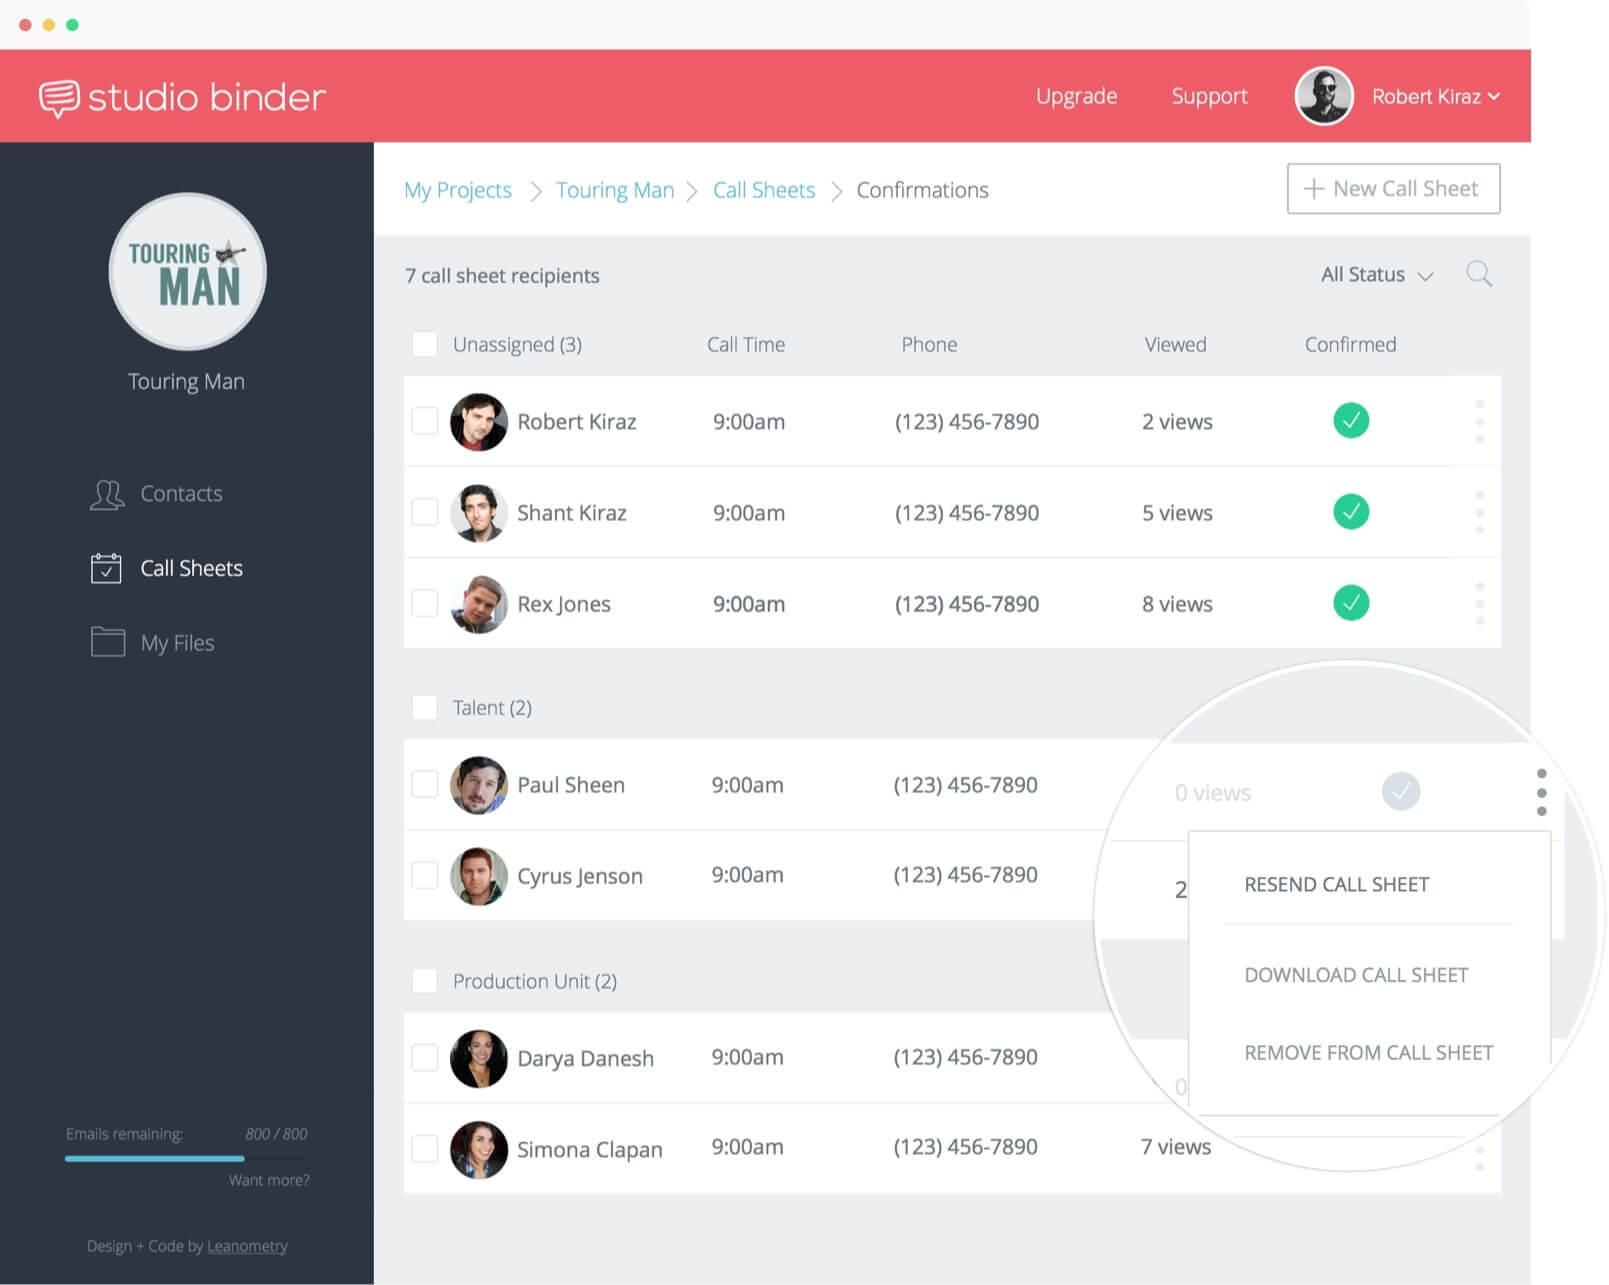 Monitor Call Sheet Views and Confirmations | StudioBinder